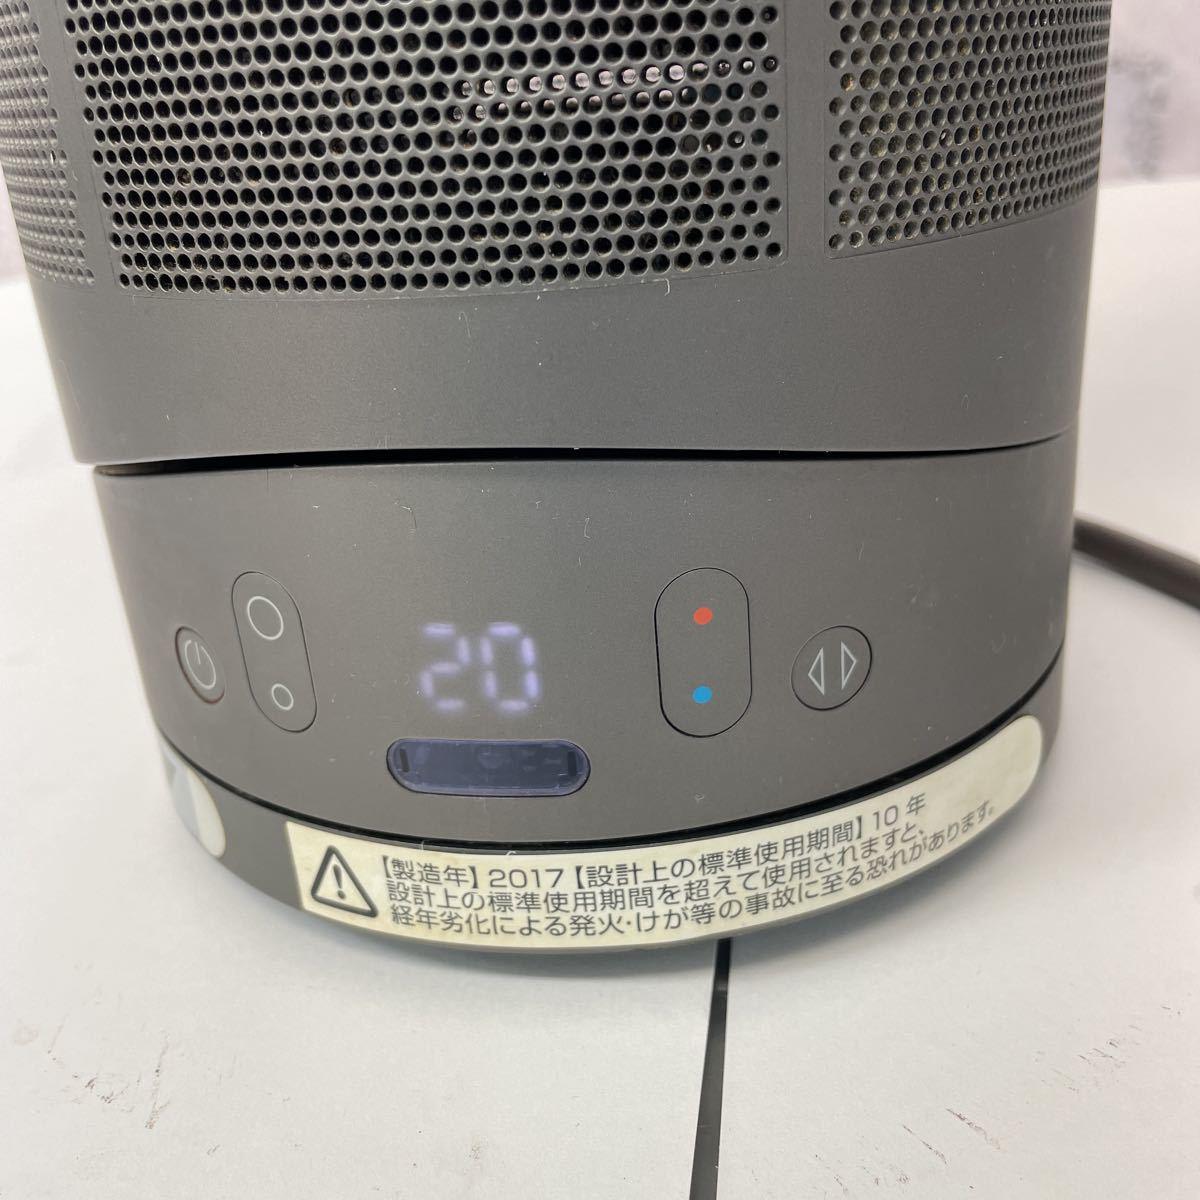 ダイソン Dyson Hot&Cool AM05 ファンヒーター 扇風機 2017年製 リモコン無し_画像2